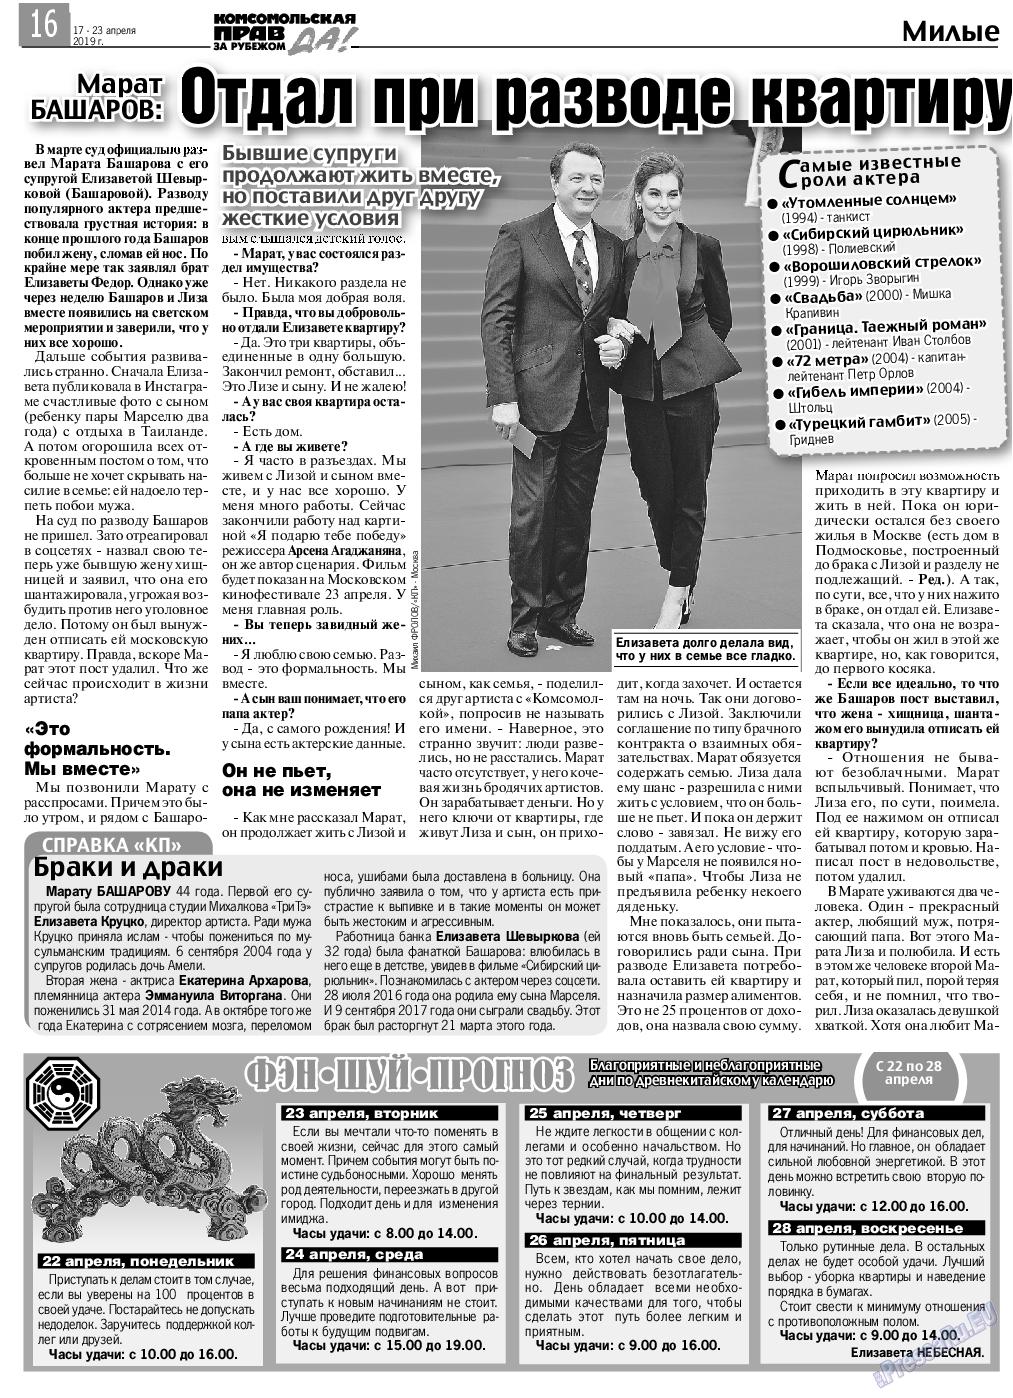 КП в Европе (газета). 2019 год, номер 16, стр. 16